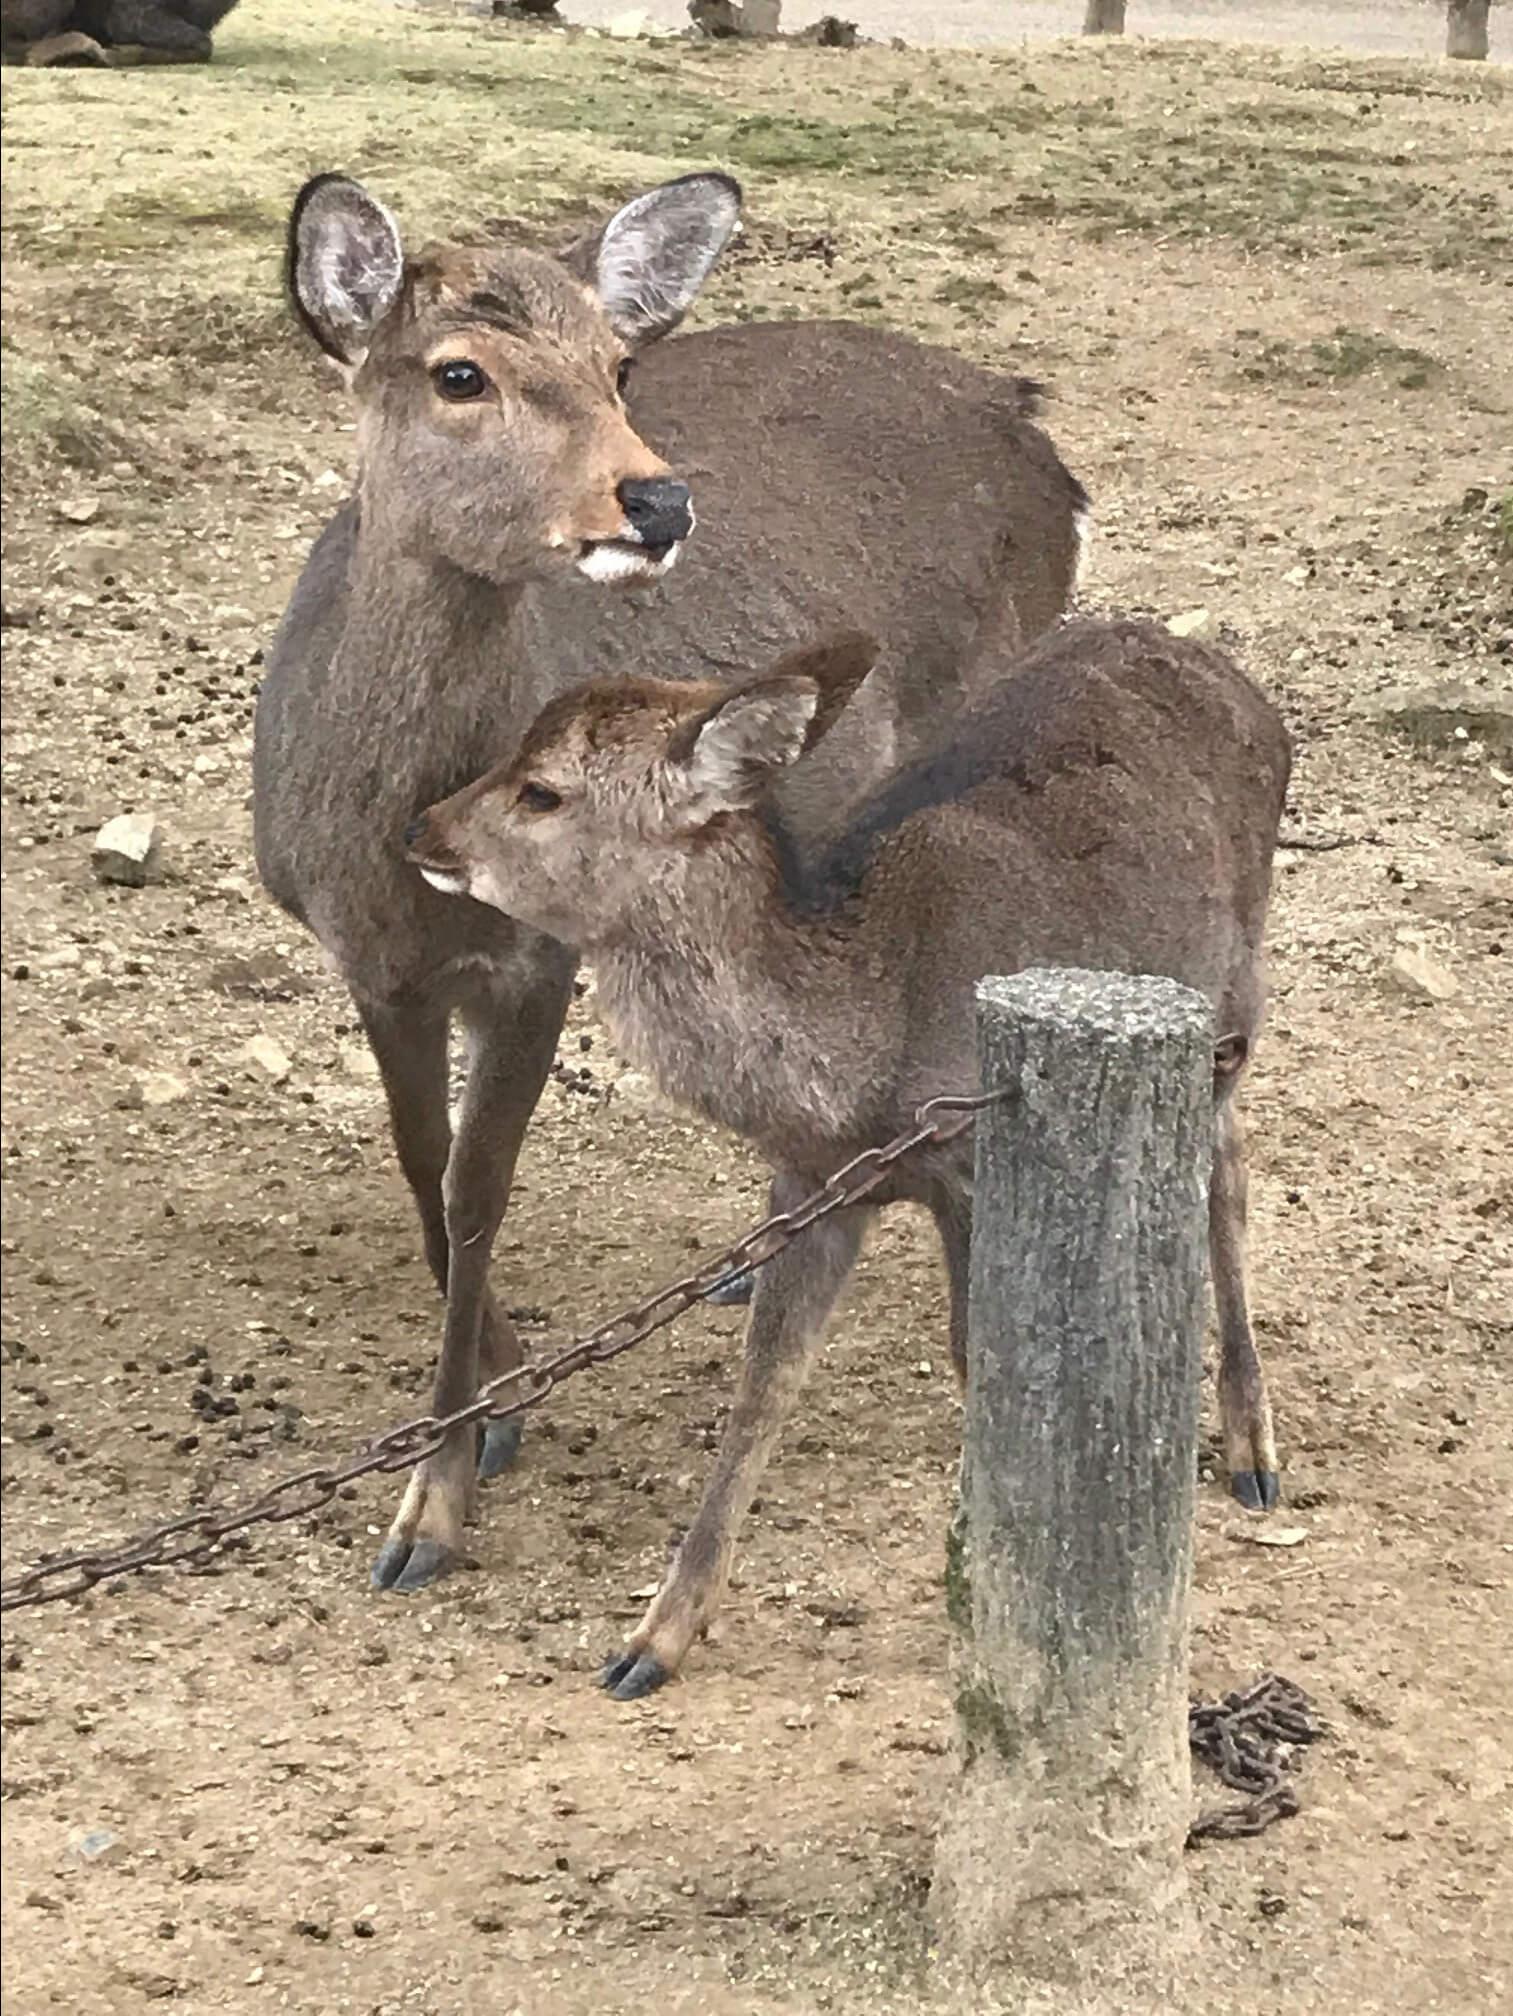 Mother and baby deer at Nara Park in Kyoto, Japan